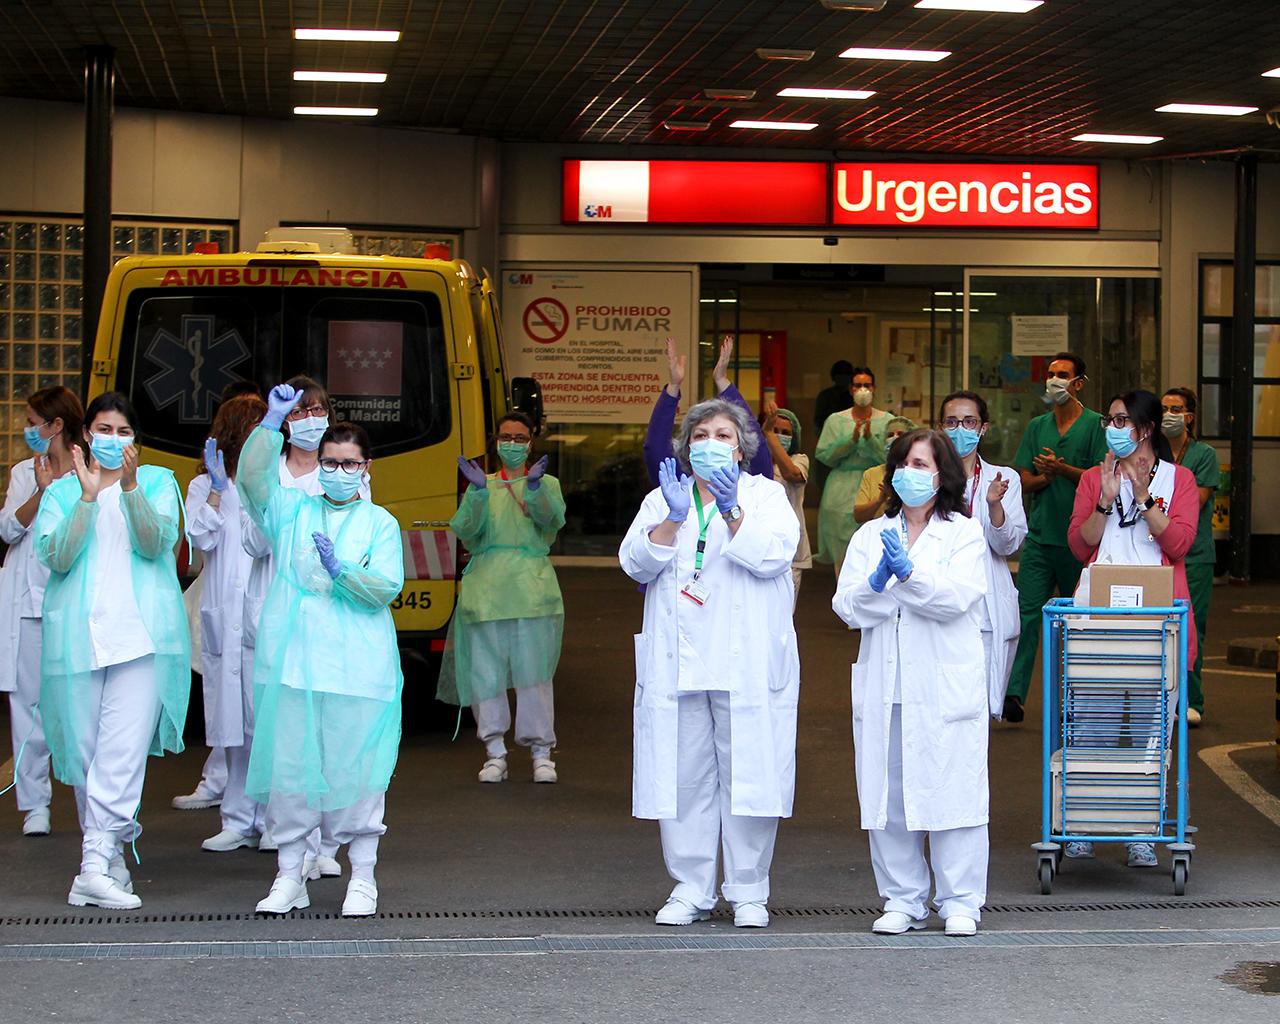 Aplausos del personal sanitario del hospital La Paz. Madrid. 29/03/2020.